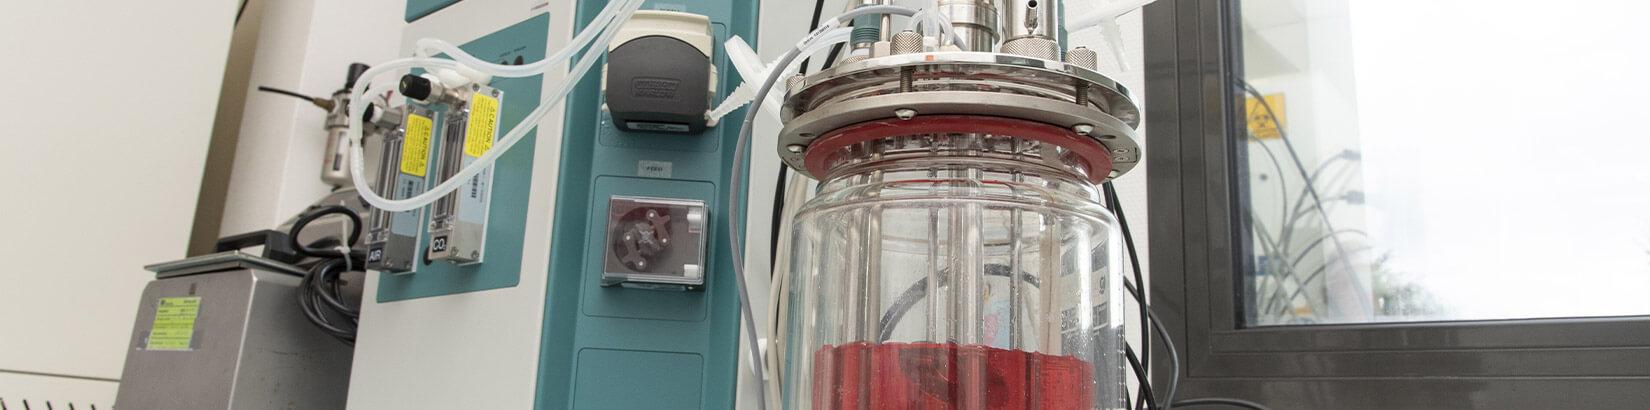 naobios_bioreacteur